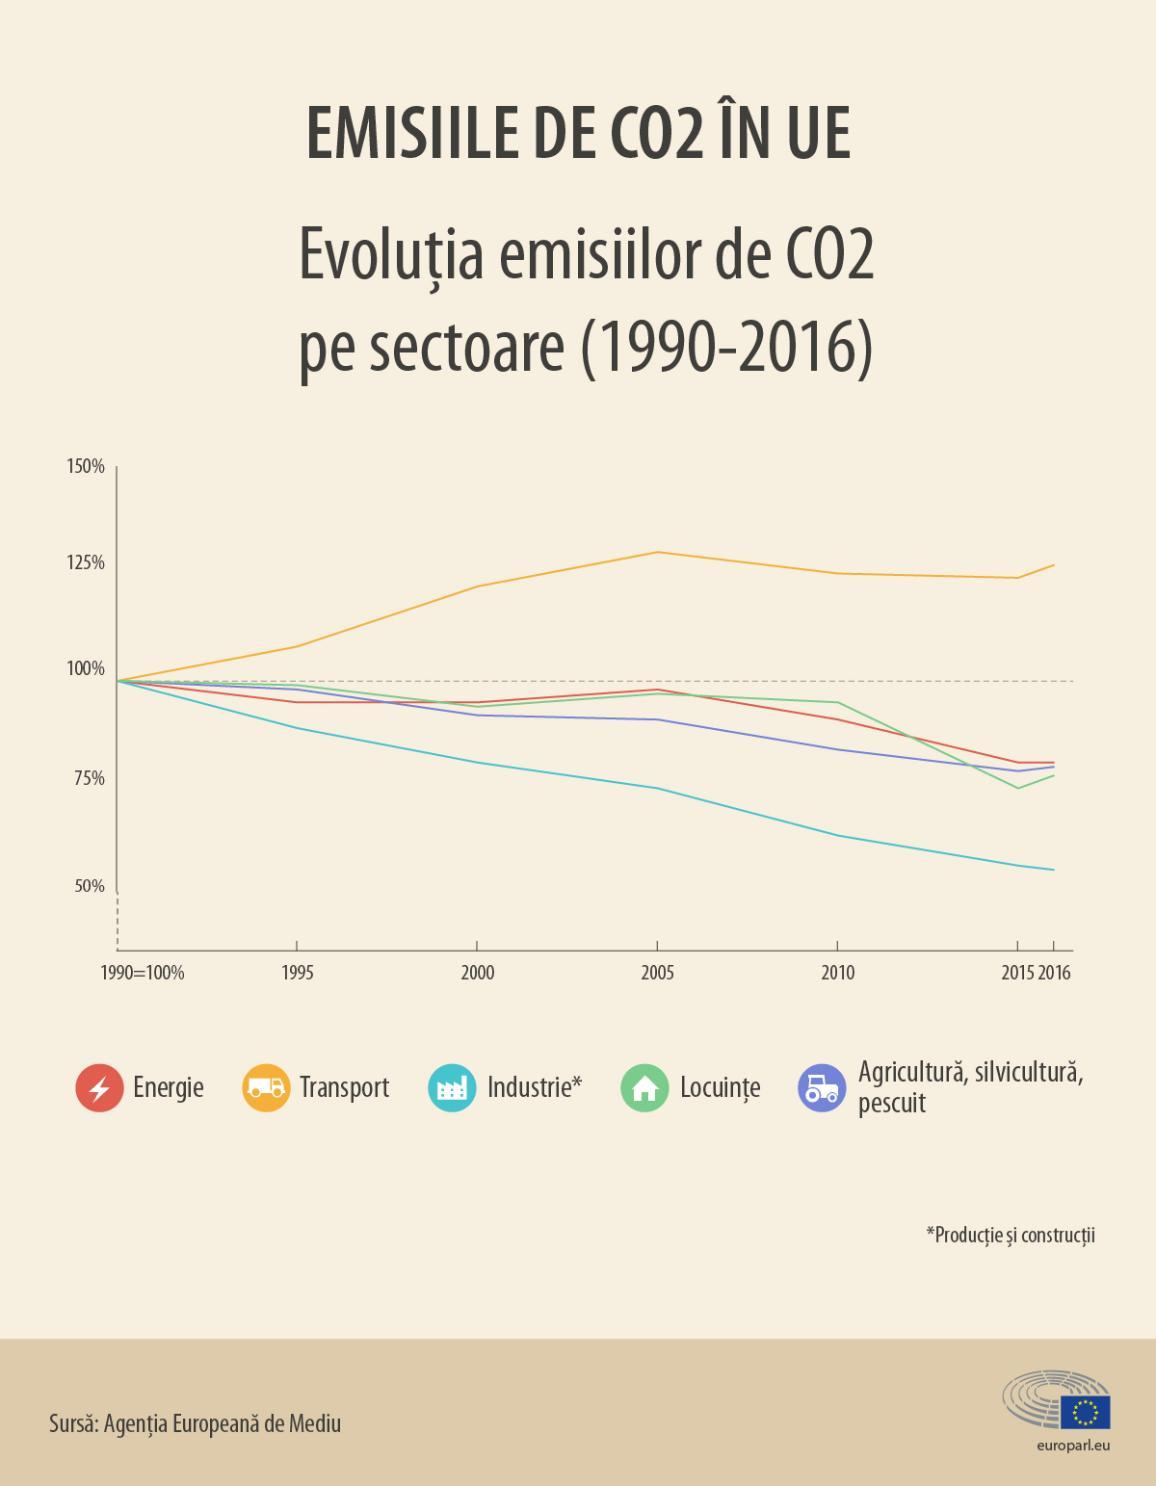 evoluția emisiilor de CO2 în UE pe sectoare (1990-2016)